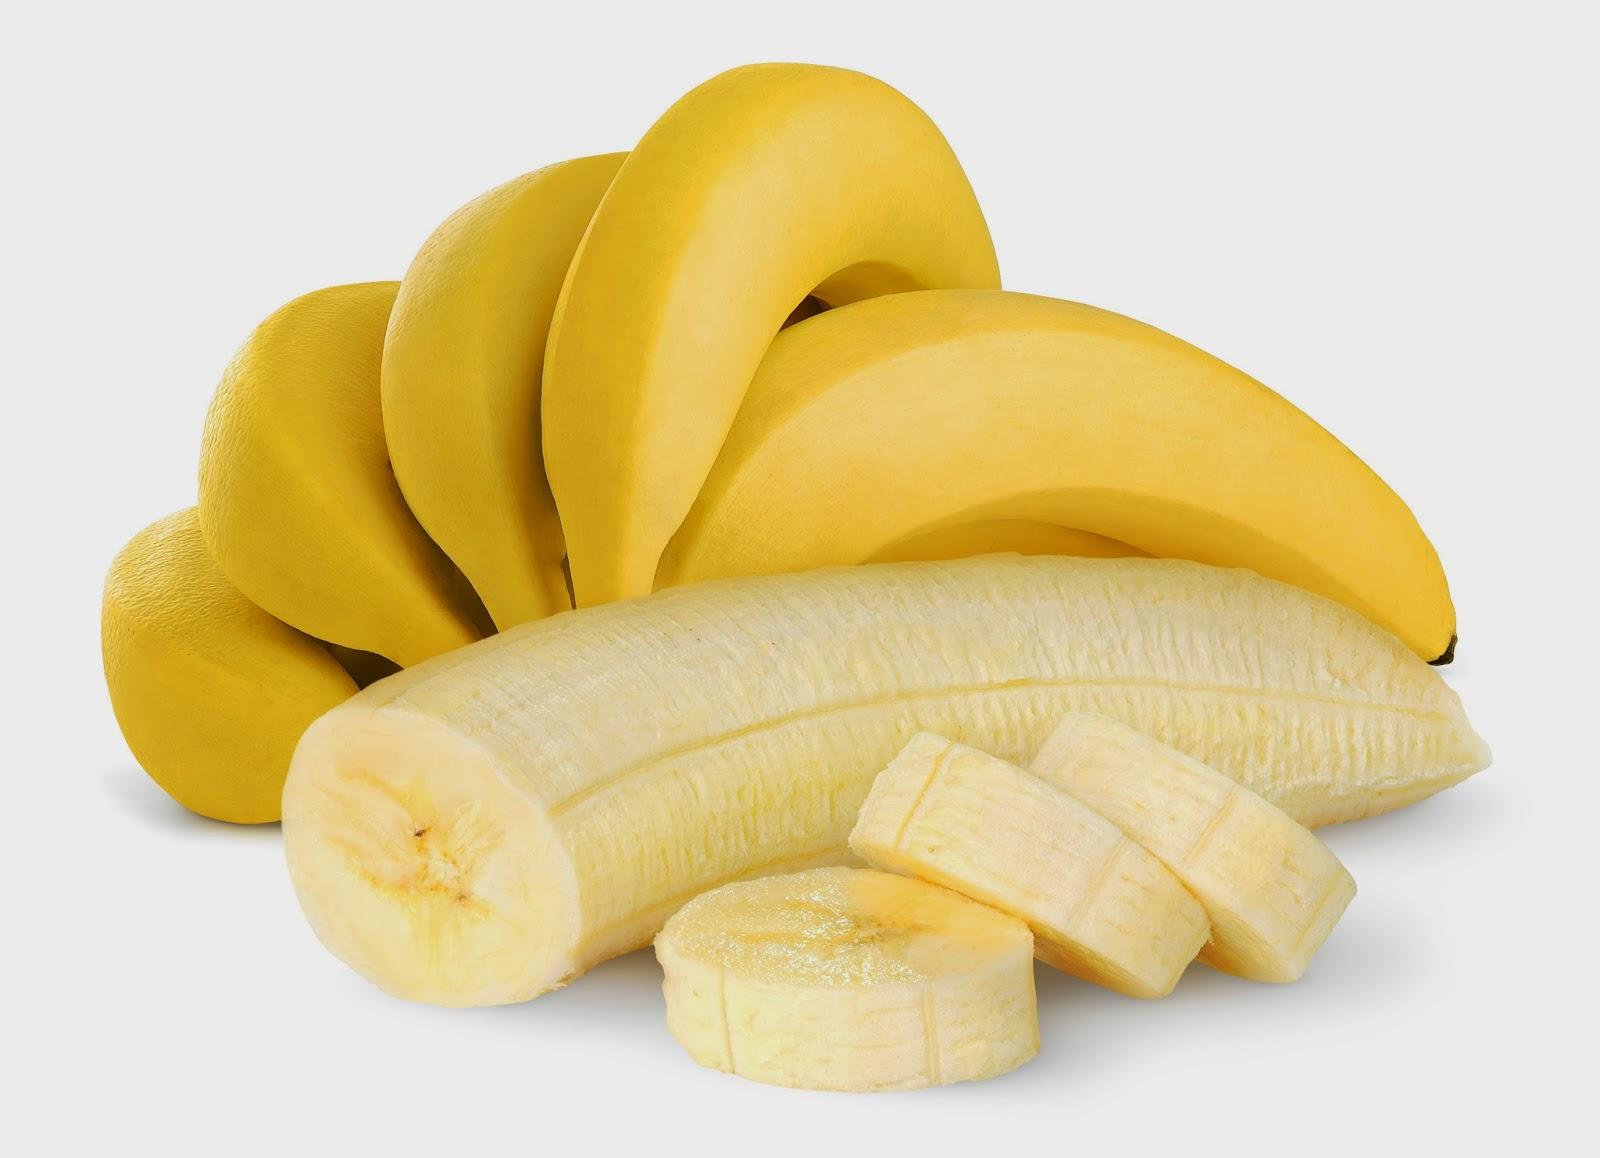 Μπανάνα, για το άγχος, την αναιμία, τις κράμπες, το έντερο, τις καούρες, την διάθεση, την σωματική και πνευματική κόπωση. Μπανάνα ή μήλο;